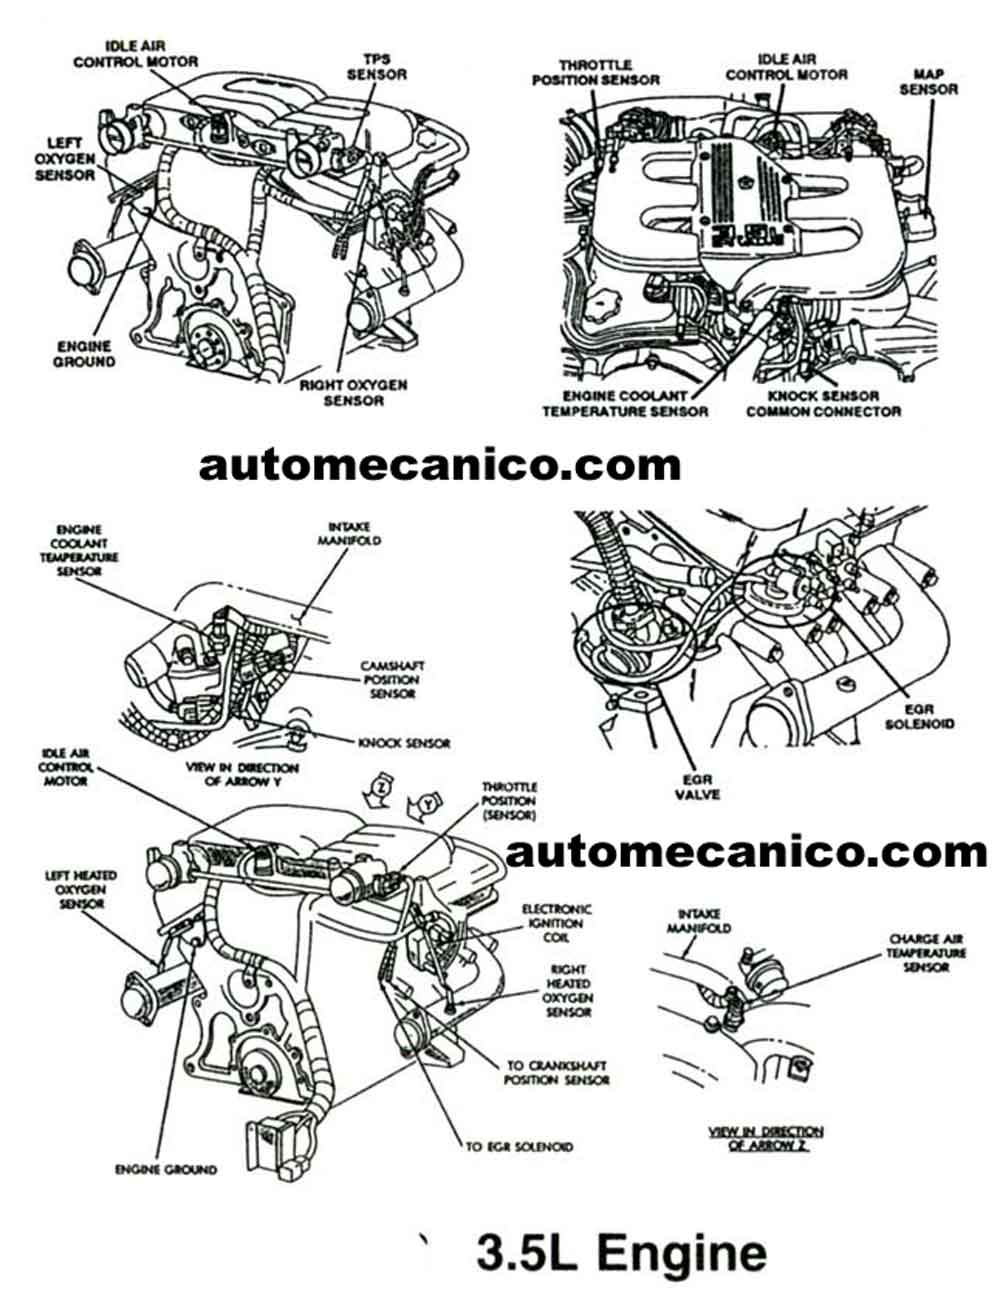 chrysler 3 5l Diagrama del motor